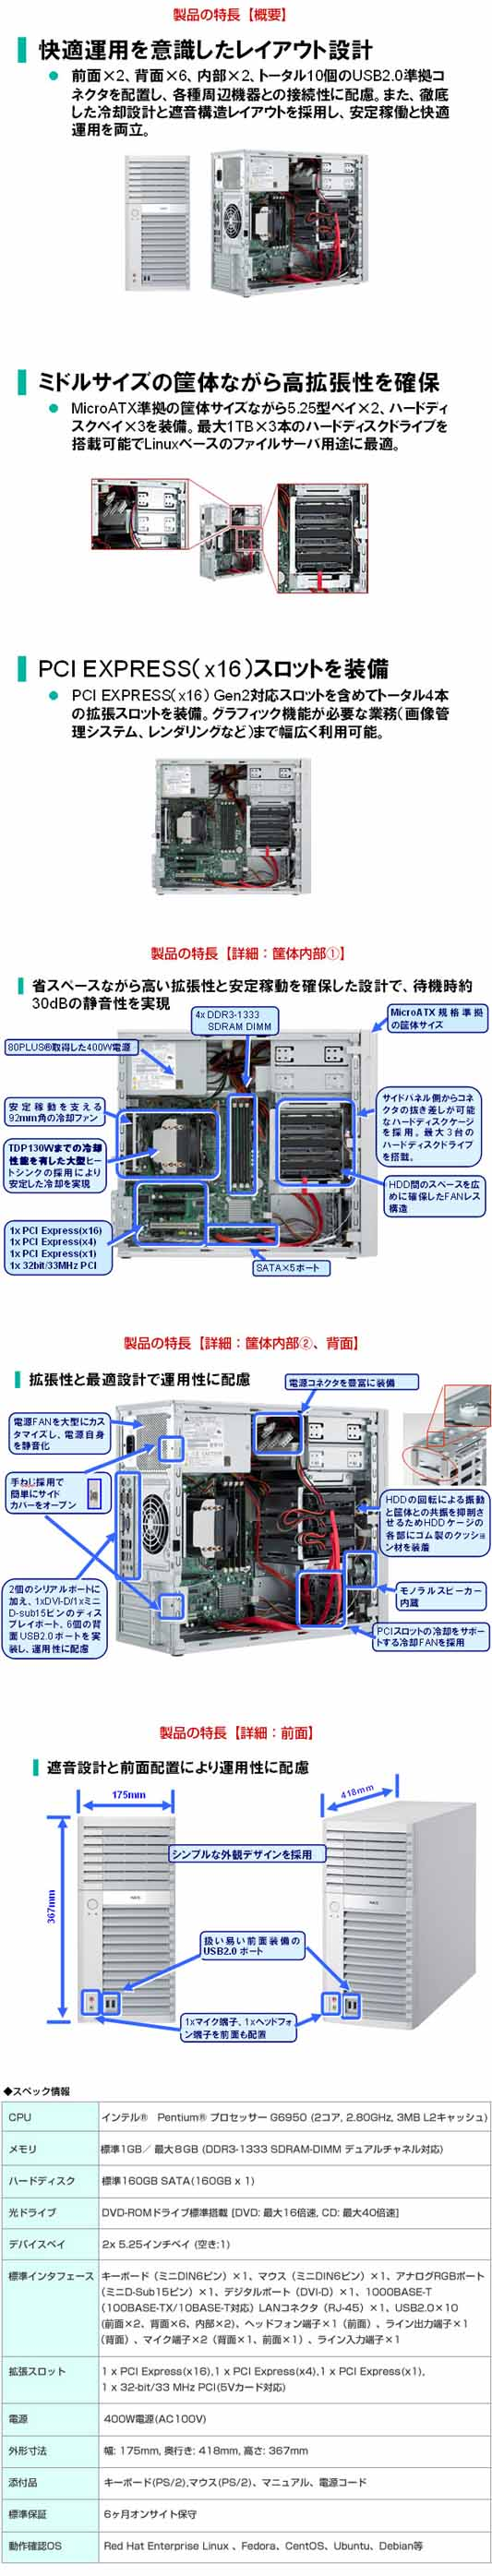 s70_new533.jpg